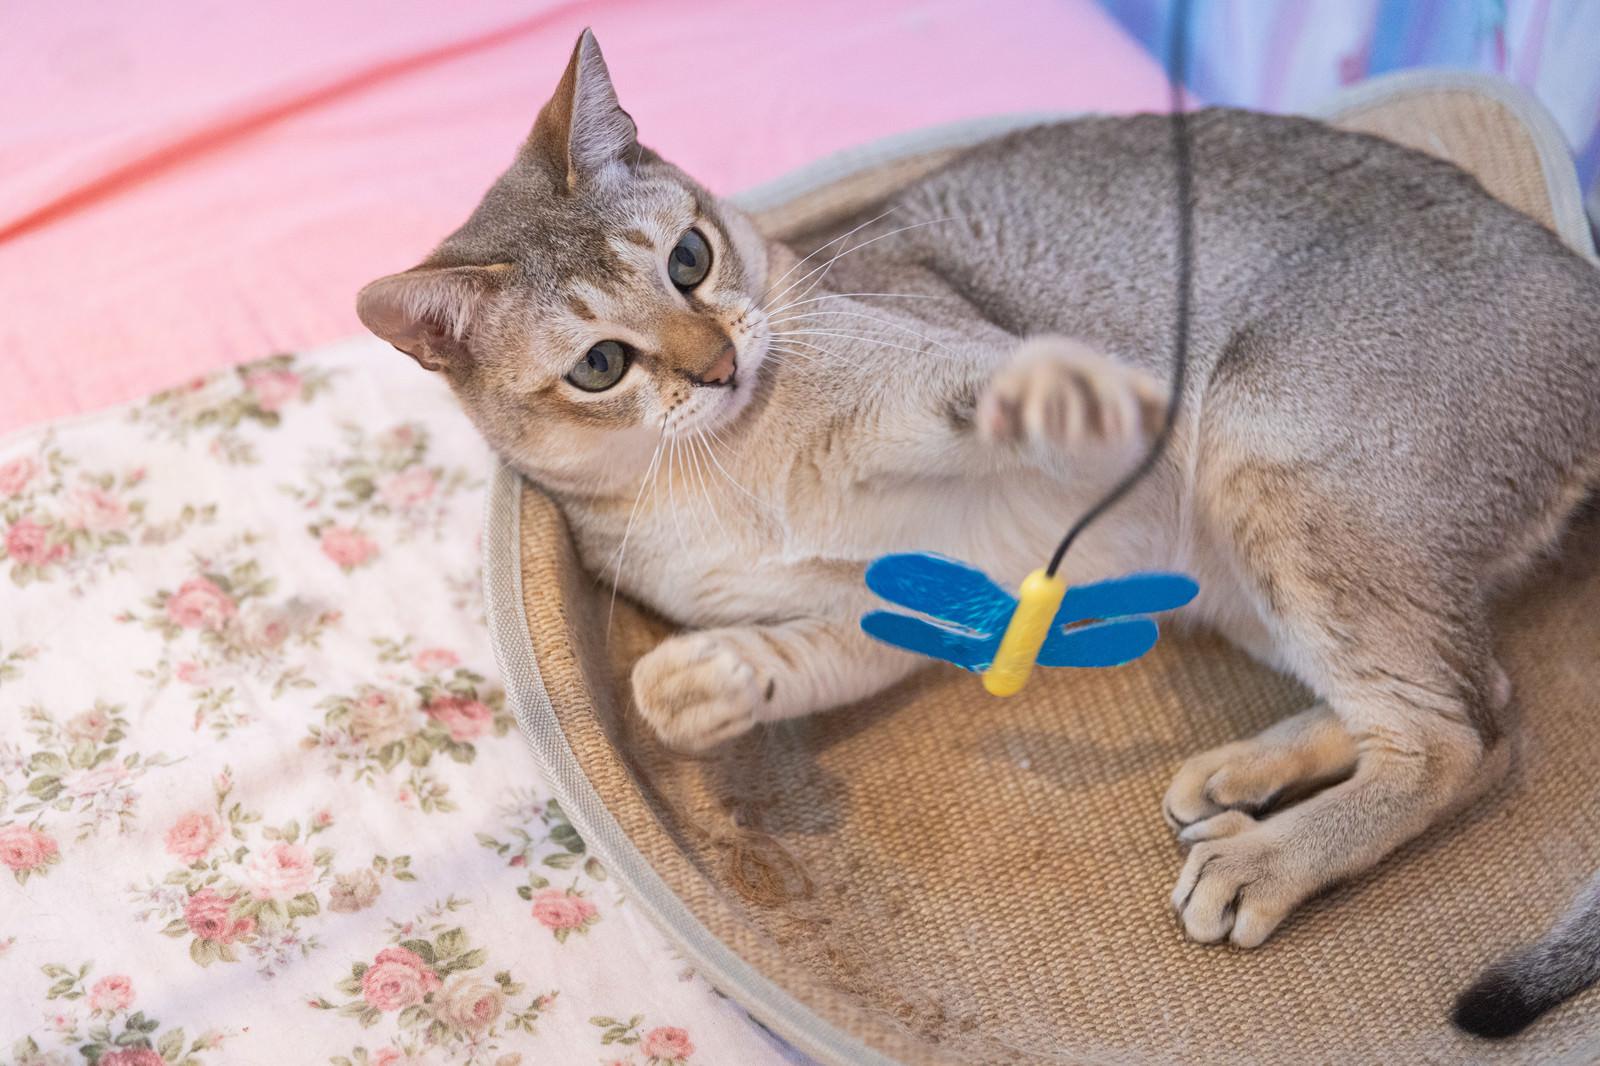 「おもちゃに興味津々のシンガプーラ(猫)」の写真